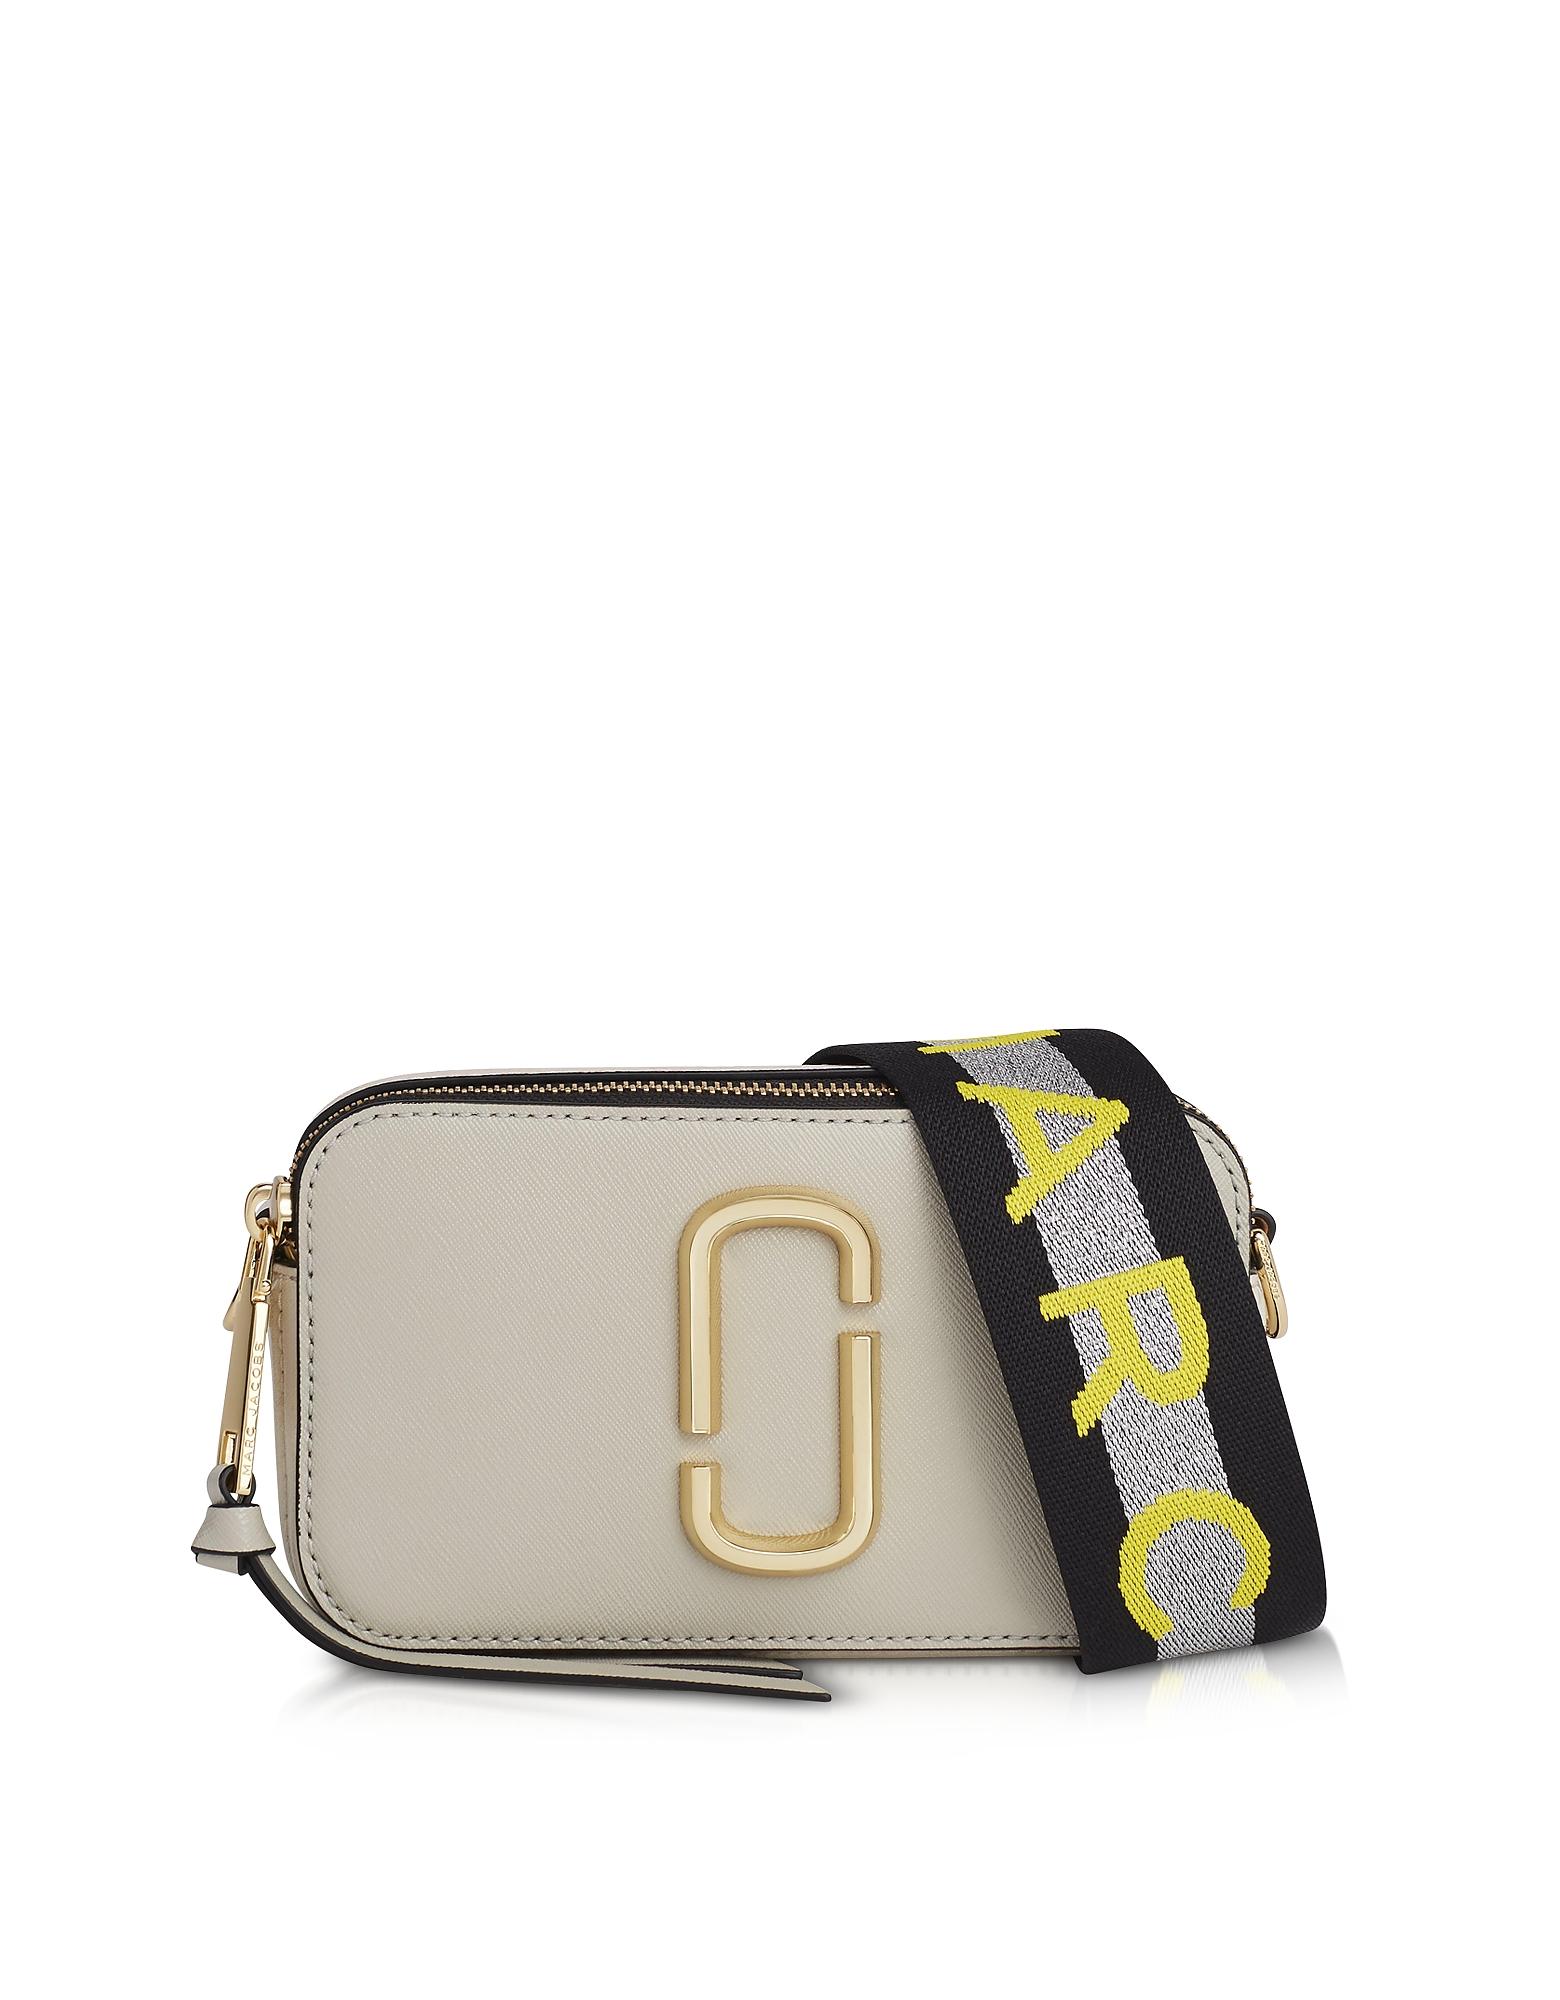 Logo Strap Snapshot Small Camera Bag